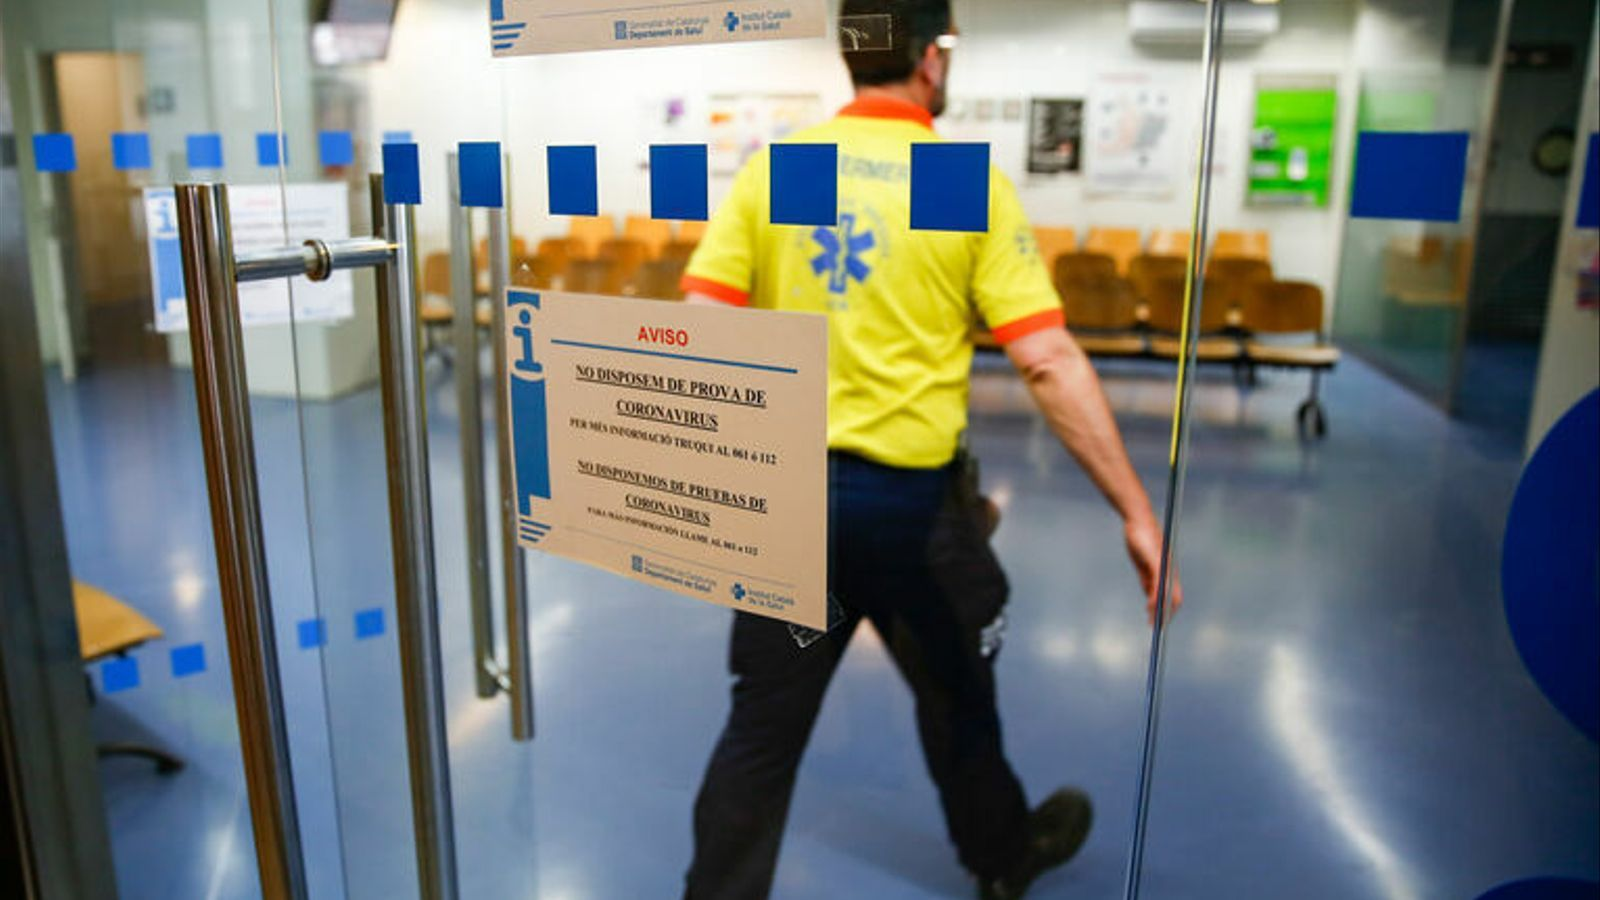 Urgències del CAP de Manso de Barcelona, on s'avisa que no tenen tests pel coronavirus.